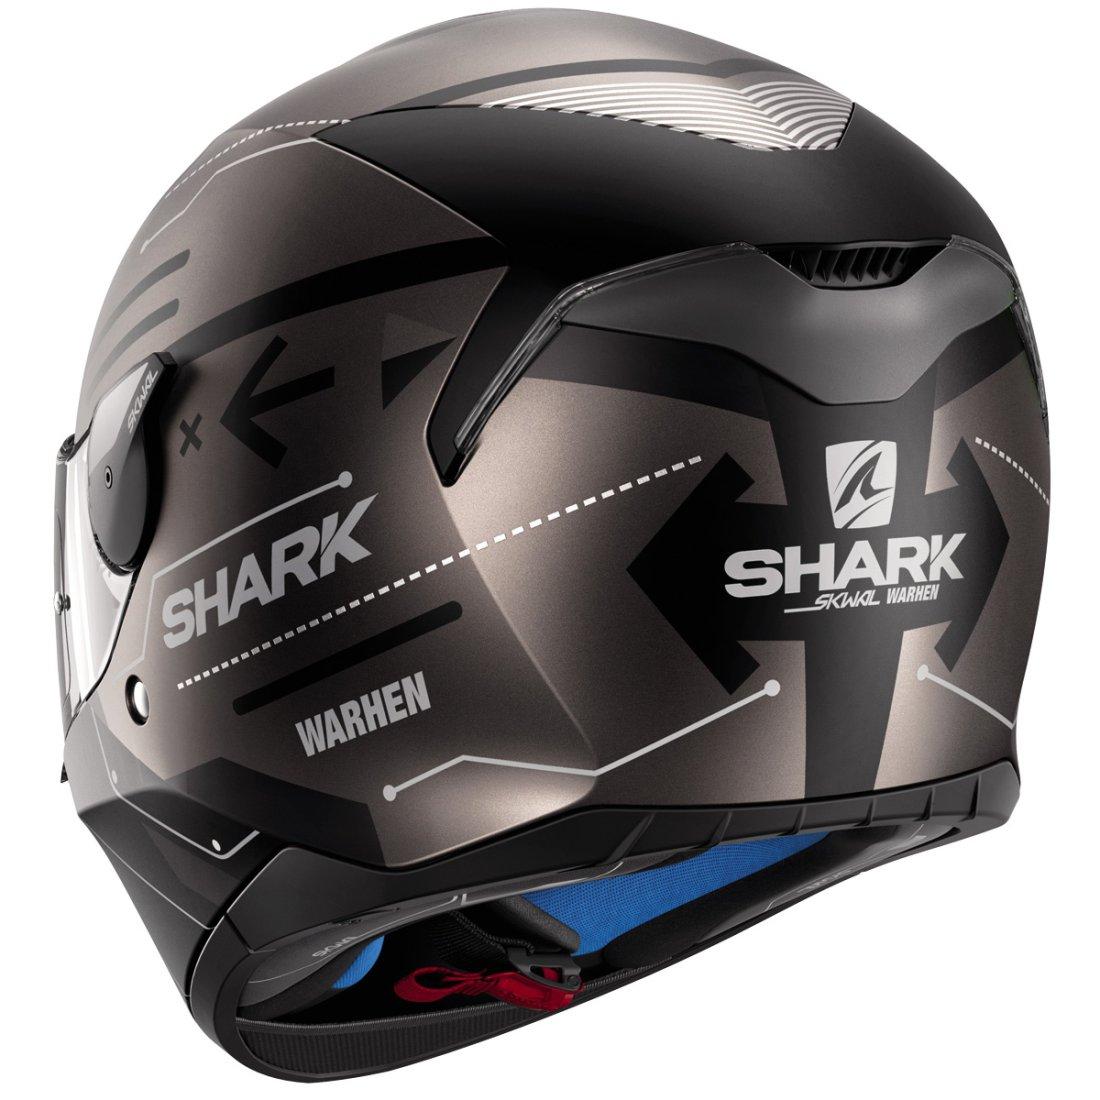 casque shark skwal warhen mat black anthracite black motocard. Black Bedroom Furniture Sets. Home Design Ideas